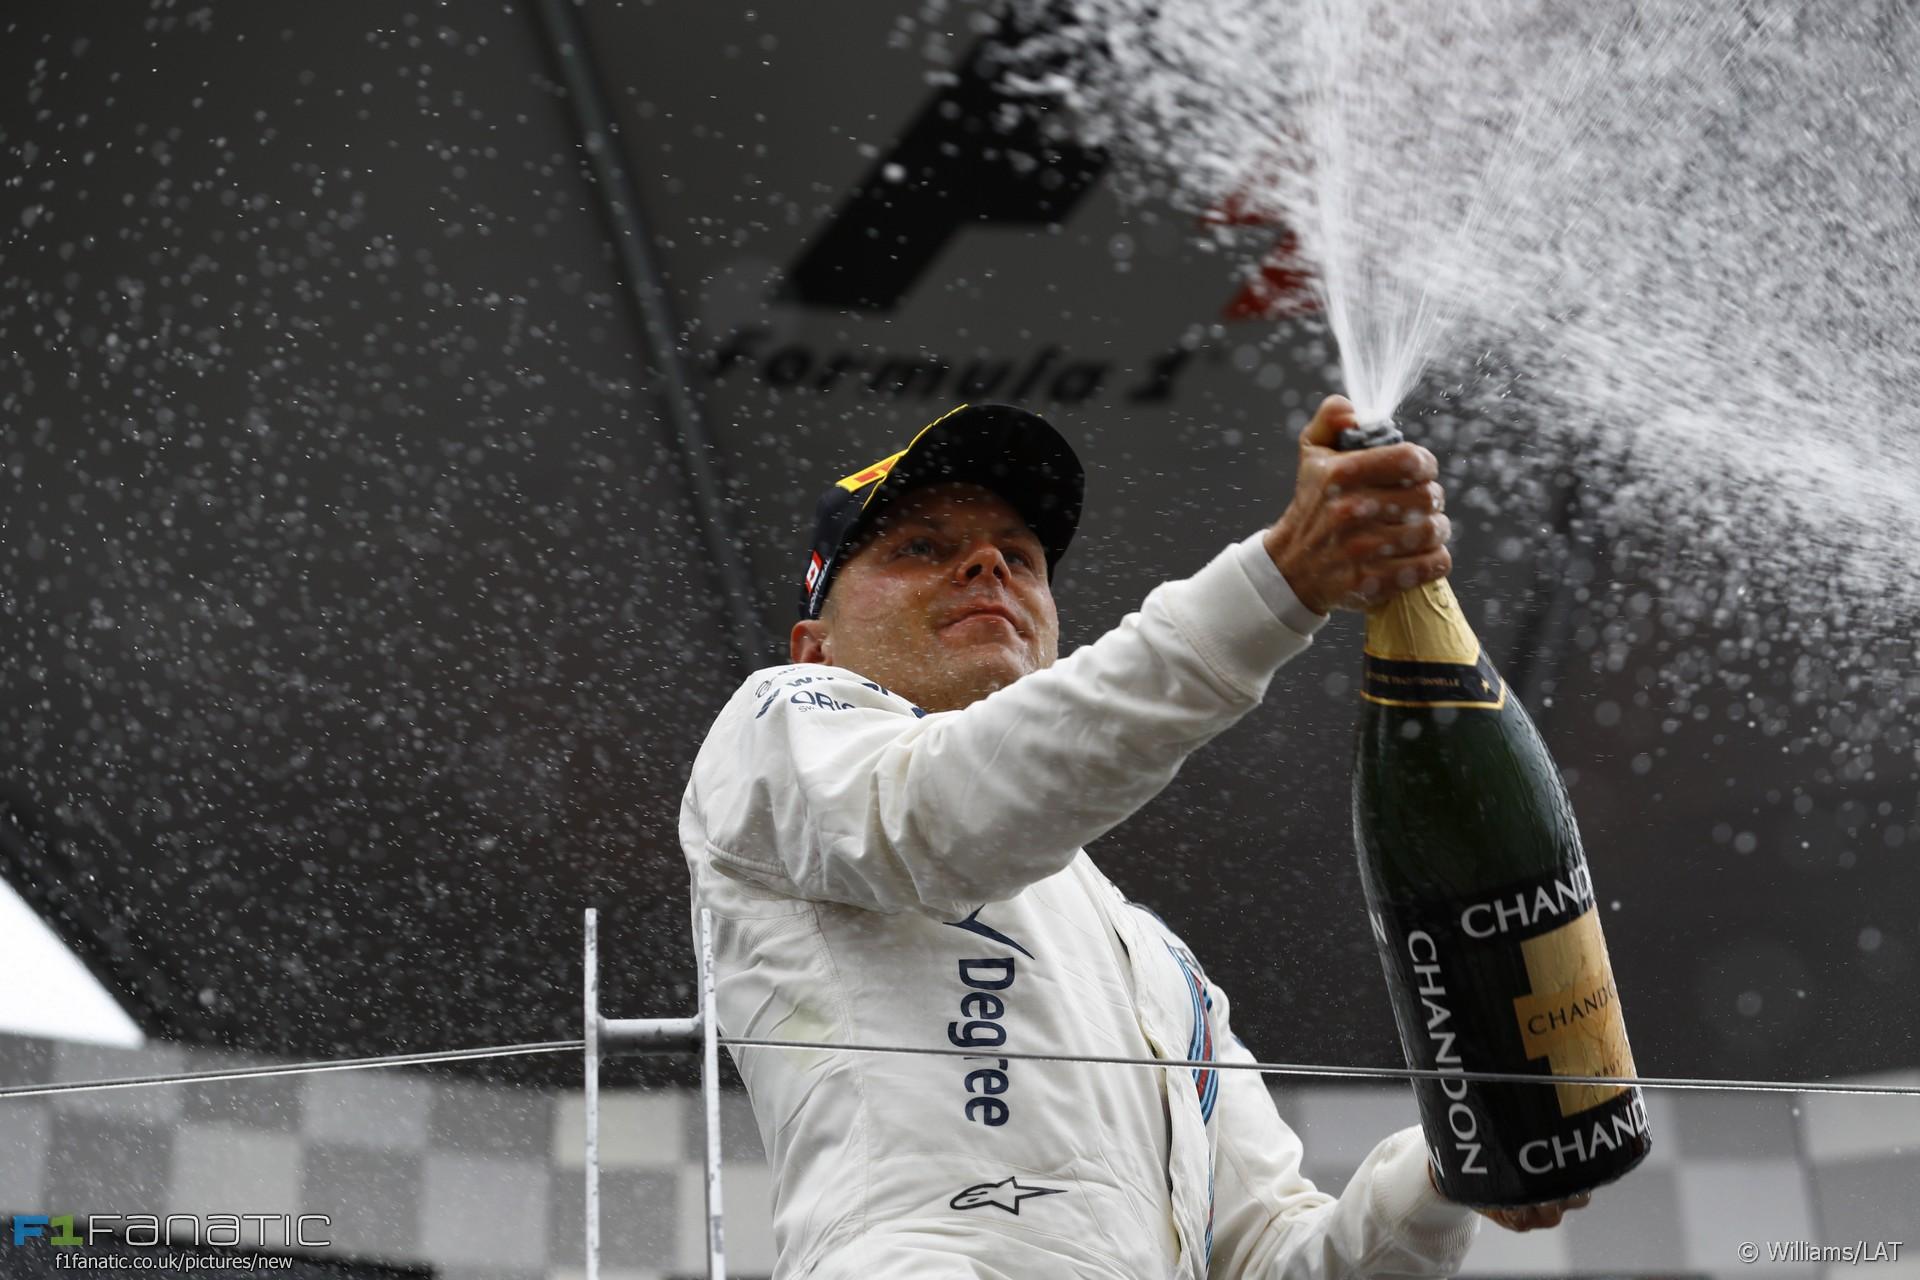 Valtteri Bottas, Williams, Circuit Gilles Villeneuve, 2016